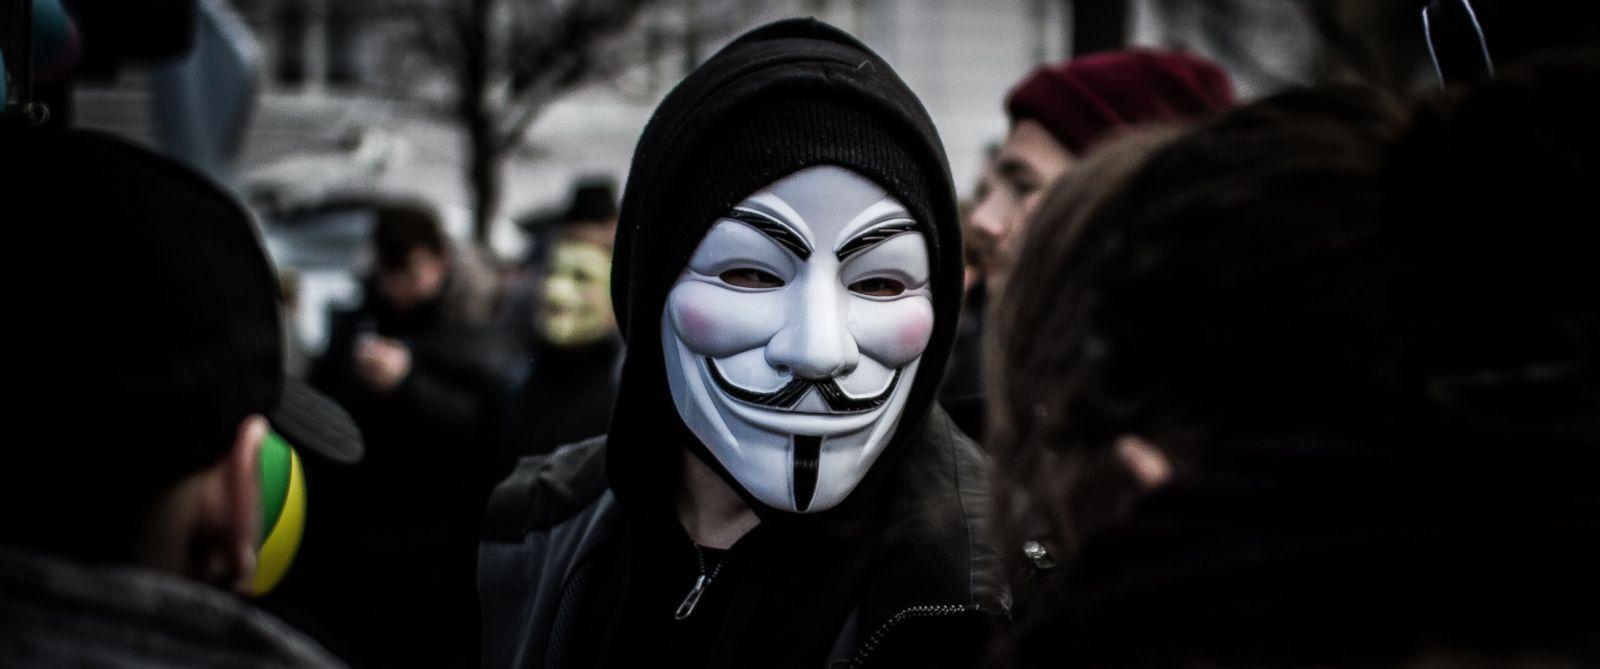 Anonymous (group) - Wikipedia